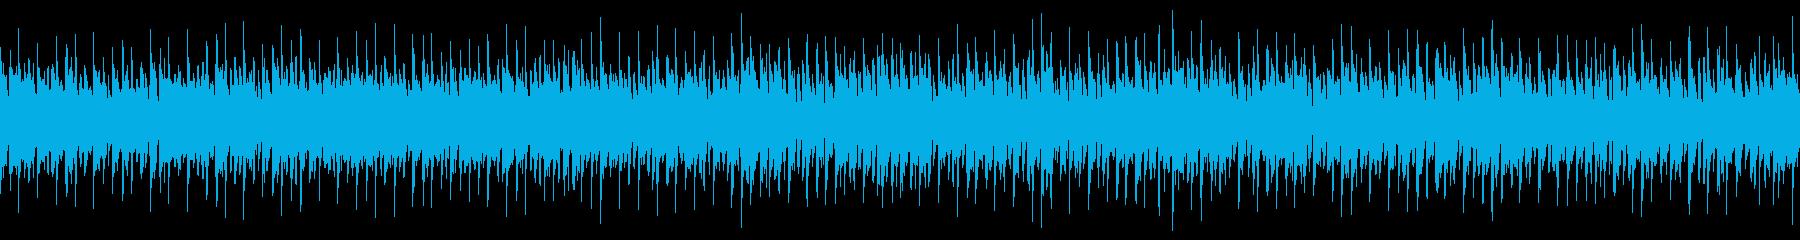 【汎用性バツグン!】メインゲームBGMの再生済みの波形